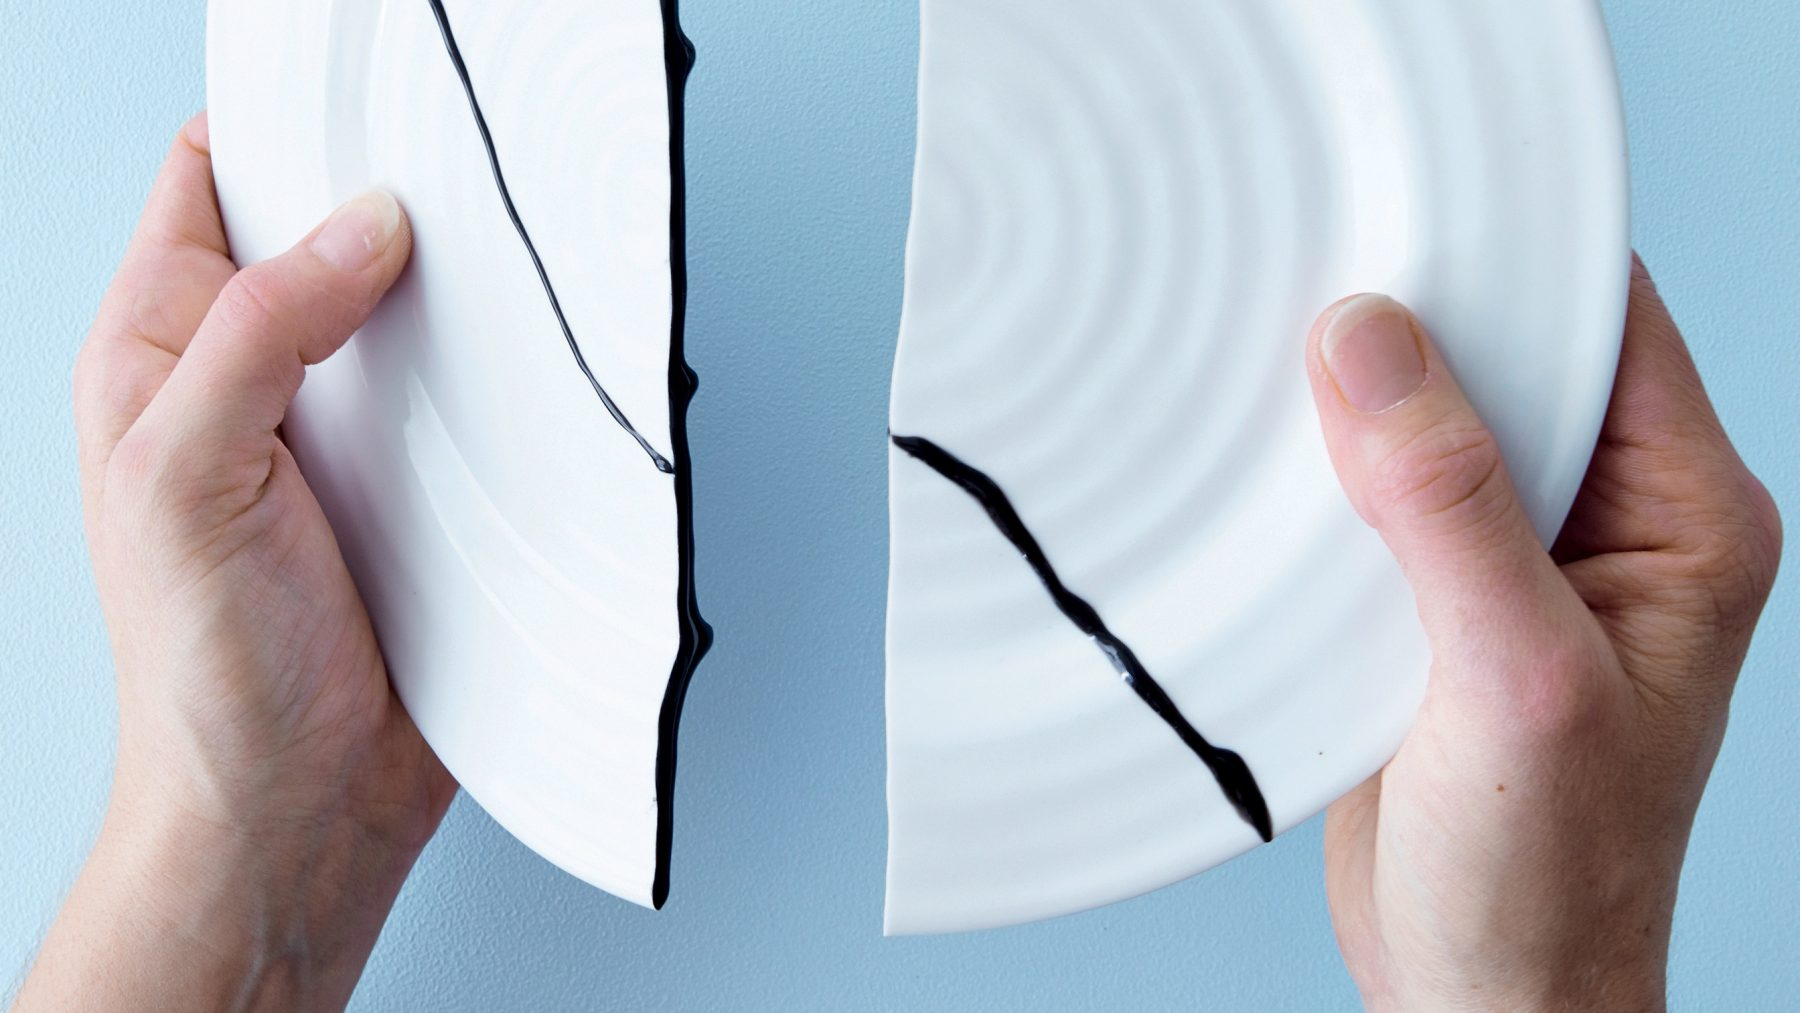 Kintsugi tilt de kunst van het repareren naar een hoger niveau (en jij kunt het ook)